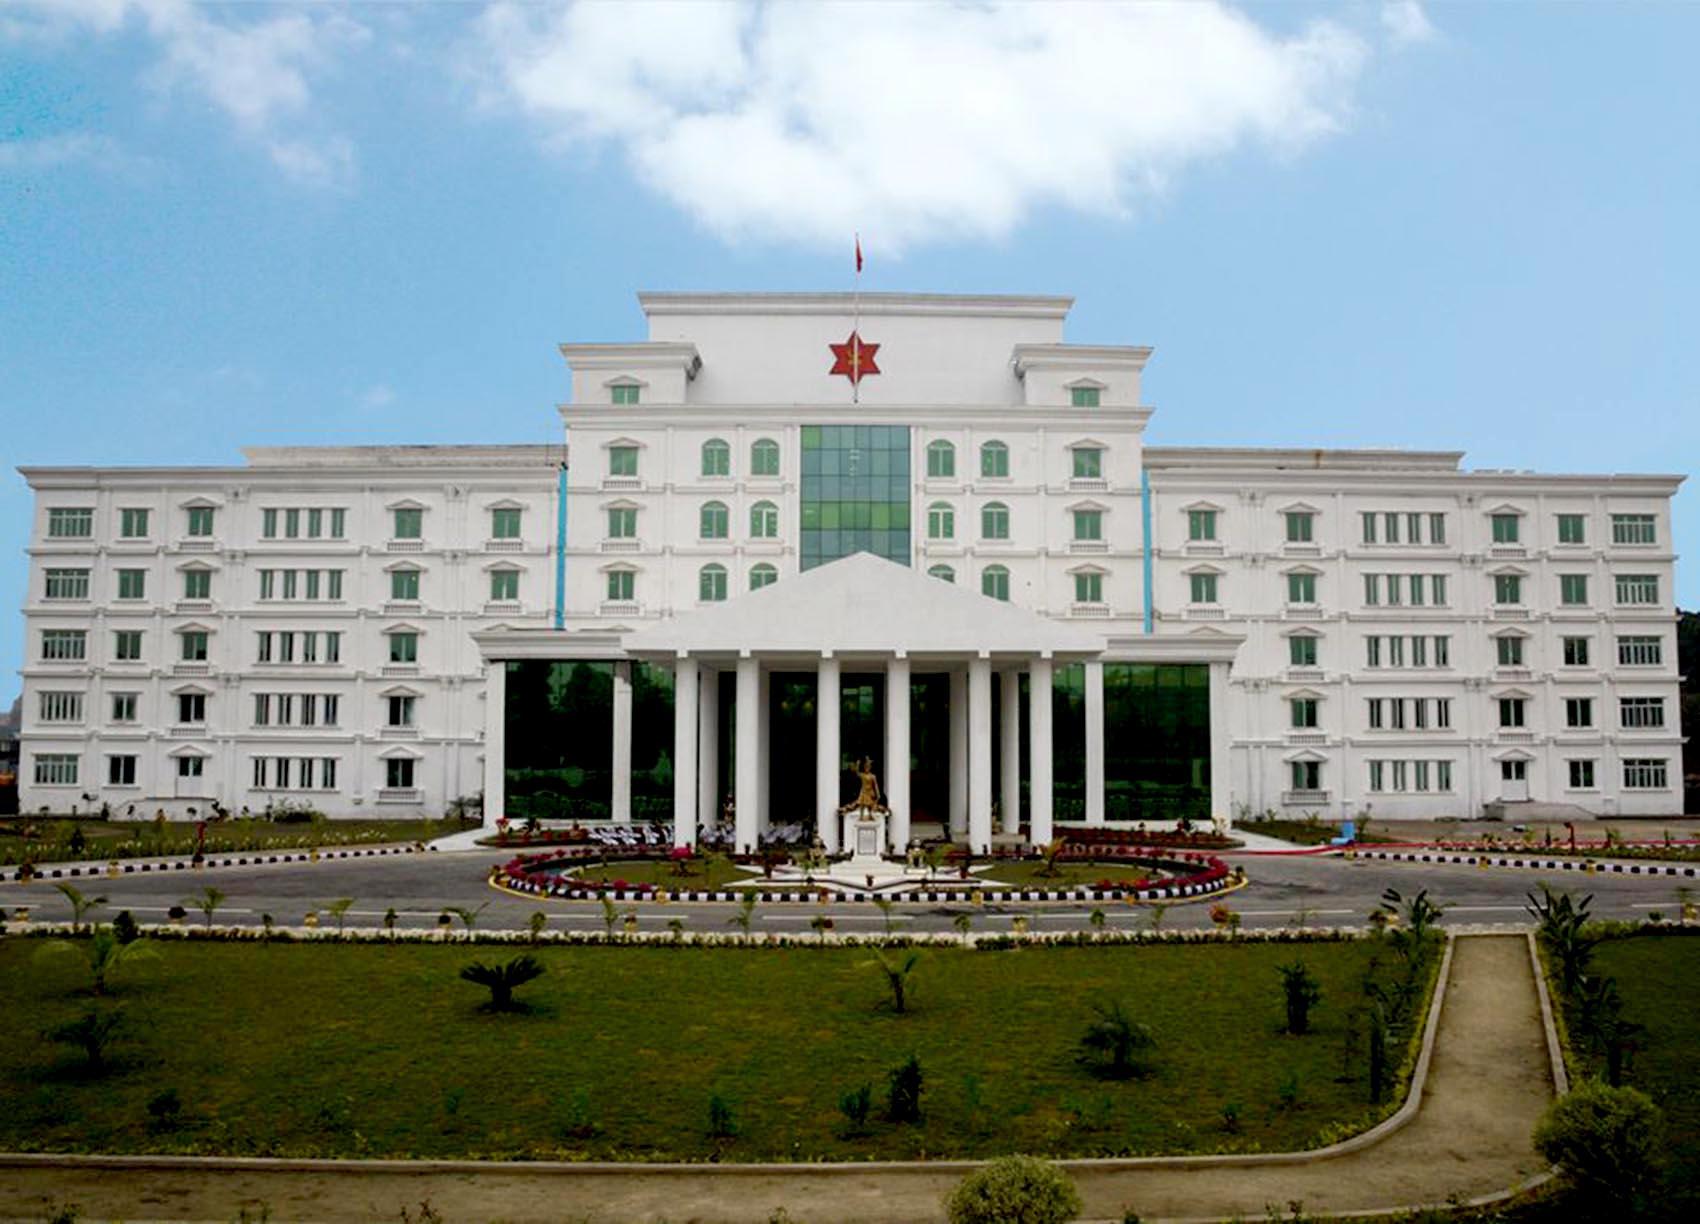 जङ्गीअड्डामा सुरक्षा तथा व्यवस्थापन केन्द्र